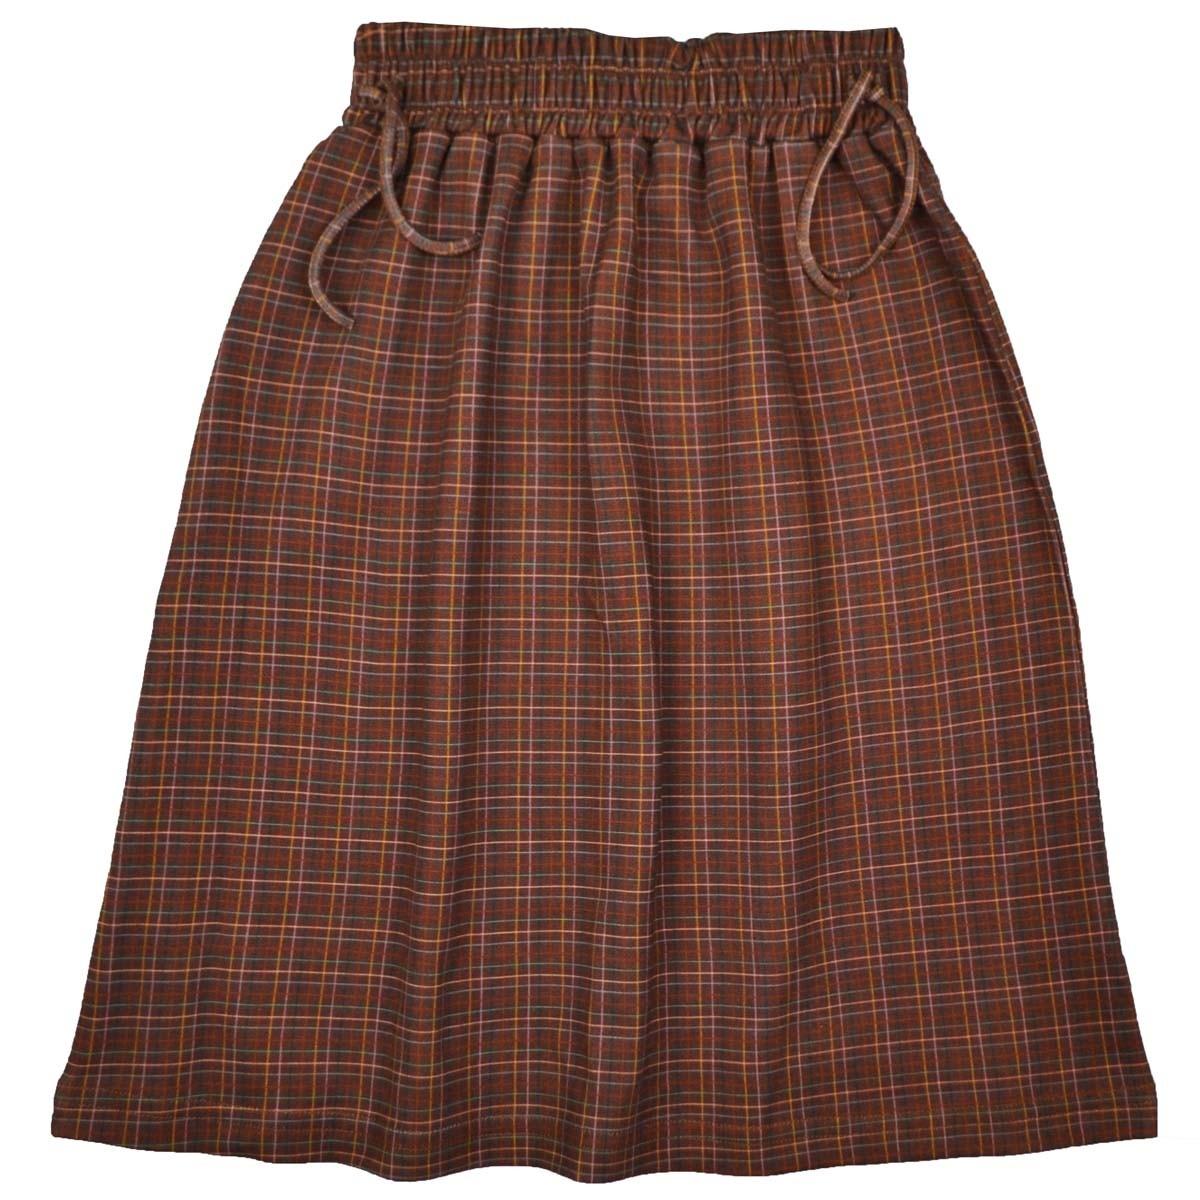 Chaga Skirt Check